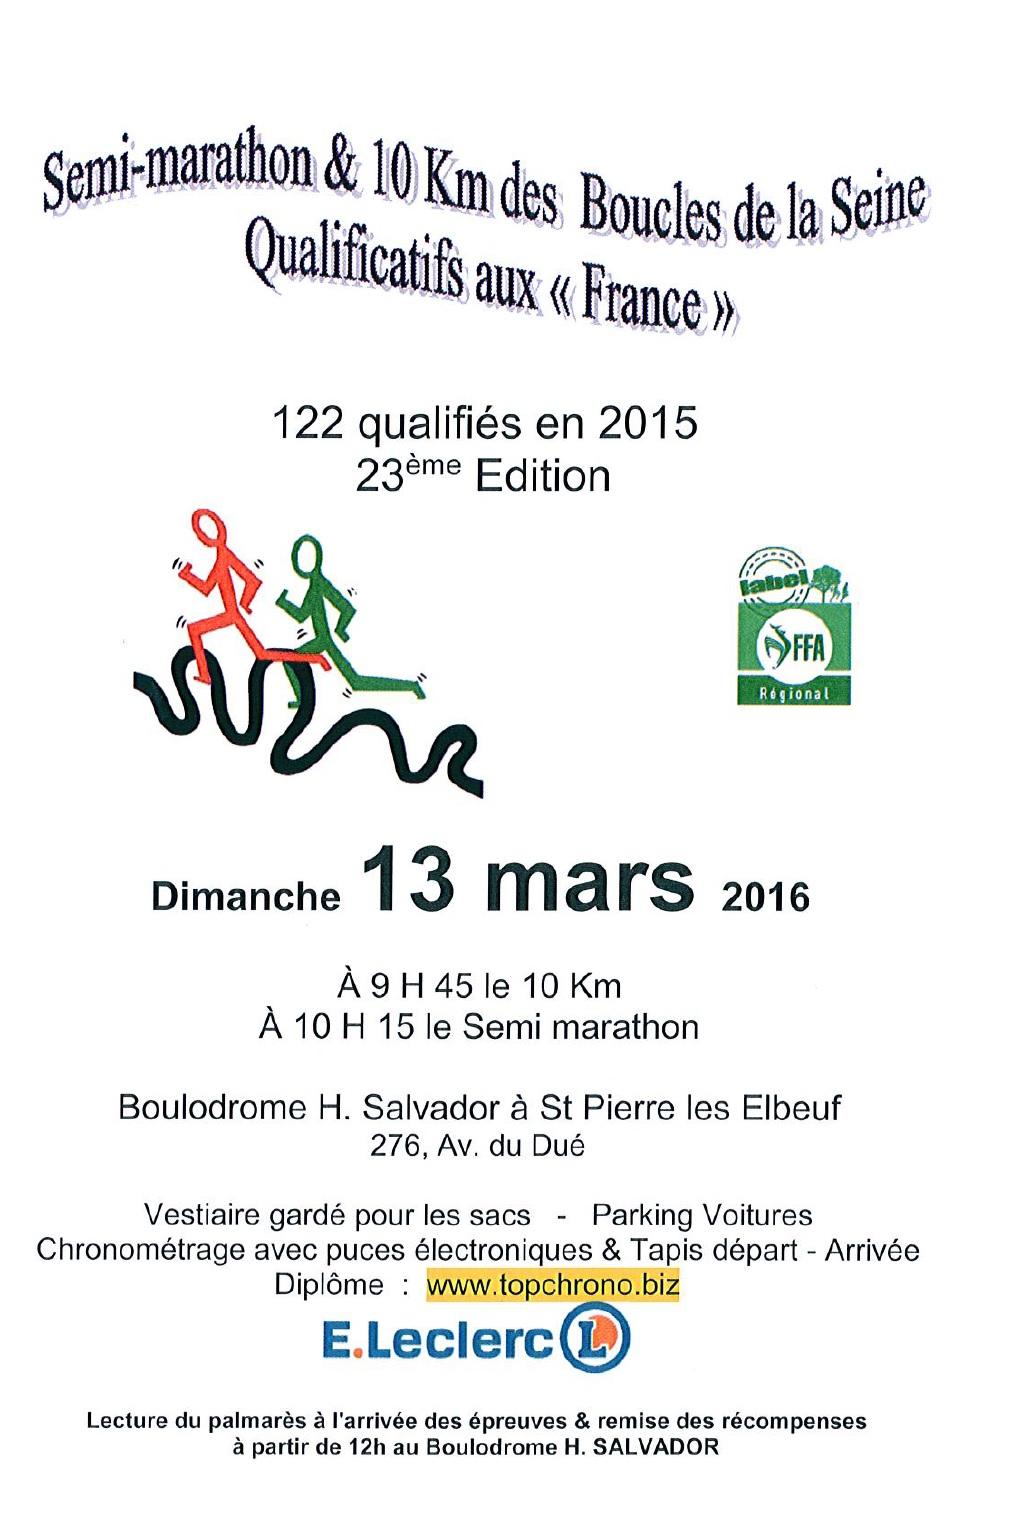 10 Kms & Semi-Marathon des Boucles de la Seine